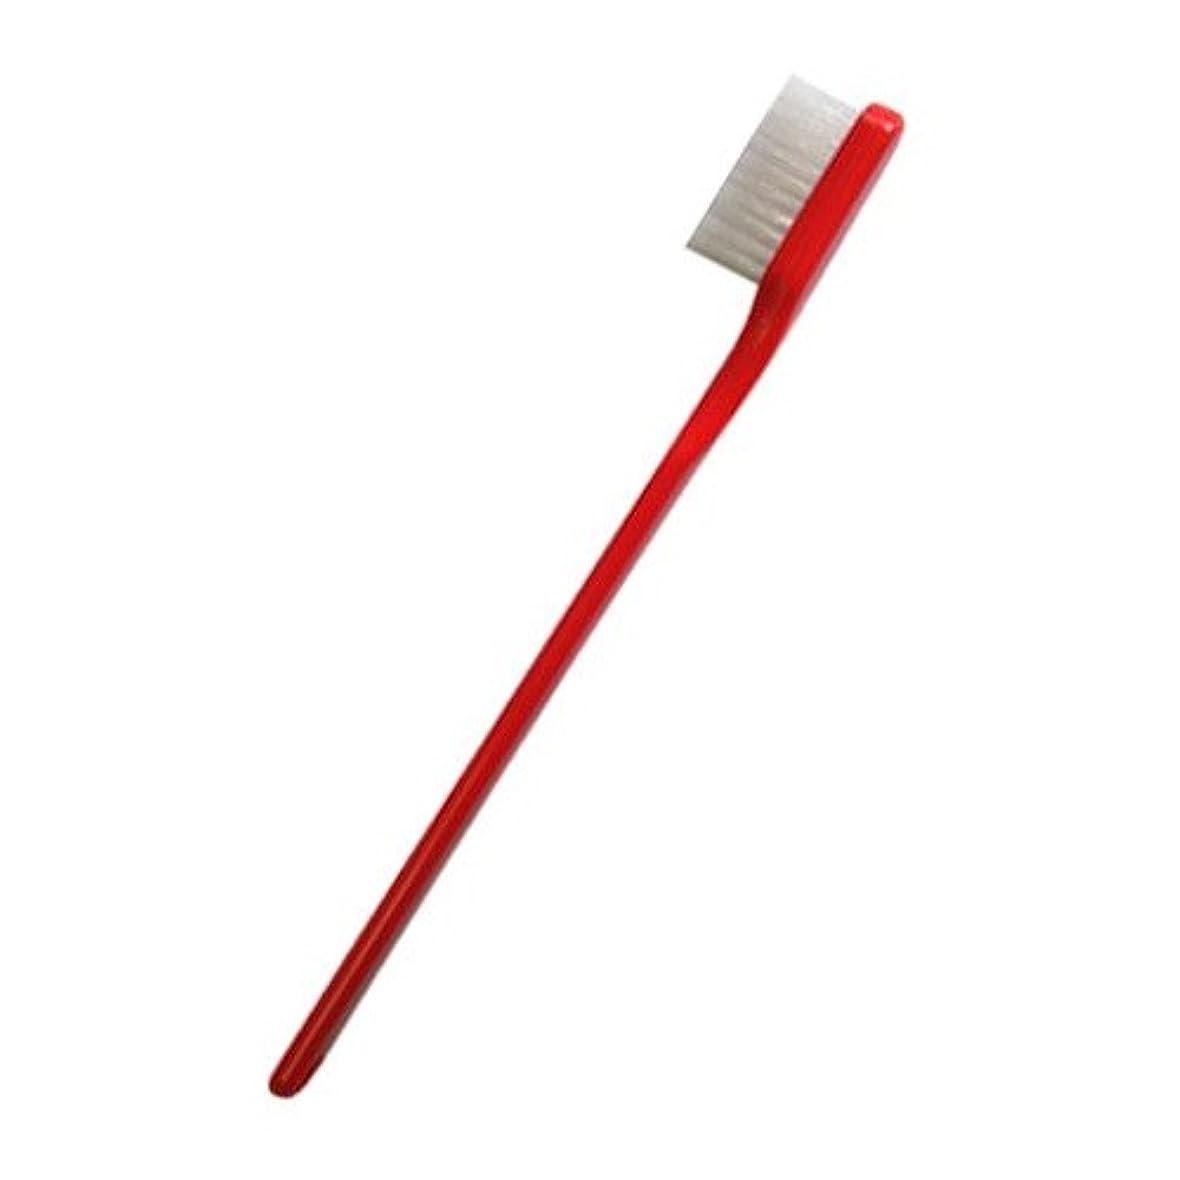 苦痛うがい薬ディスカウントPHB 歯ブラシ 大人用 レッド